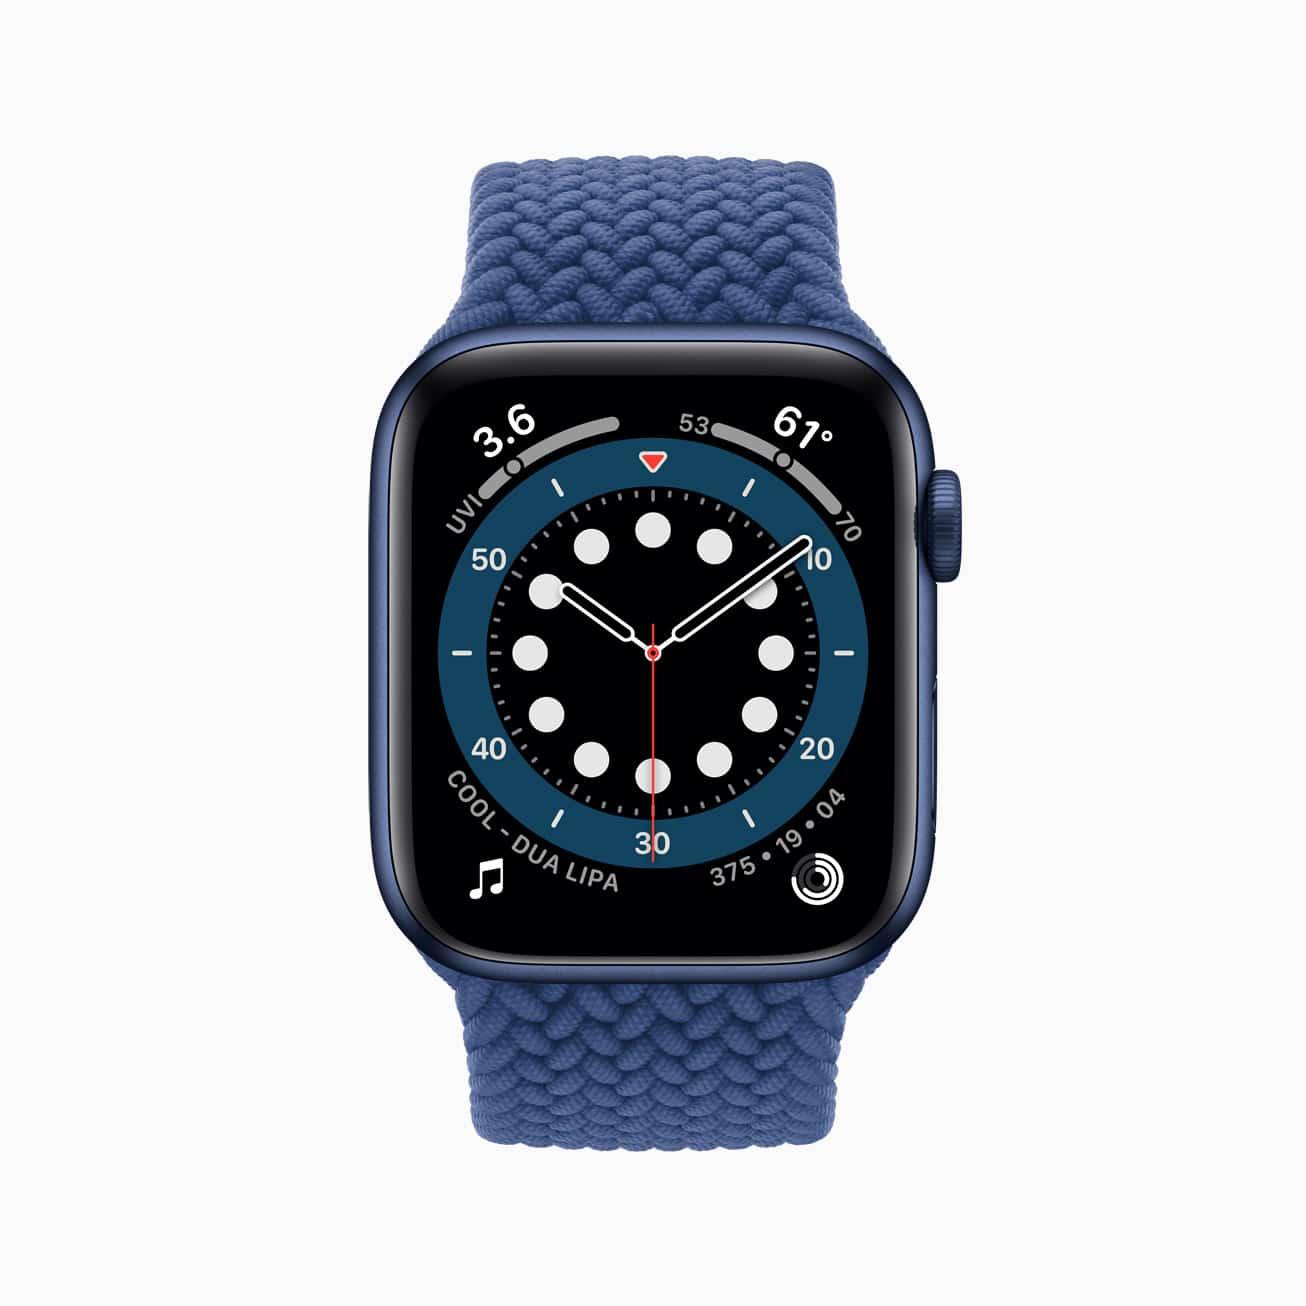 Apple Watch Series 6 mit geflochtenem Solo Loop